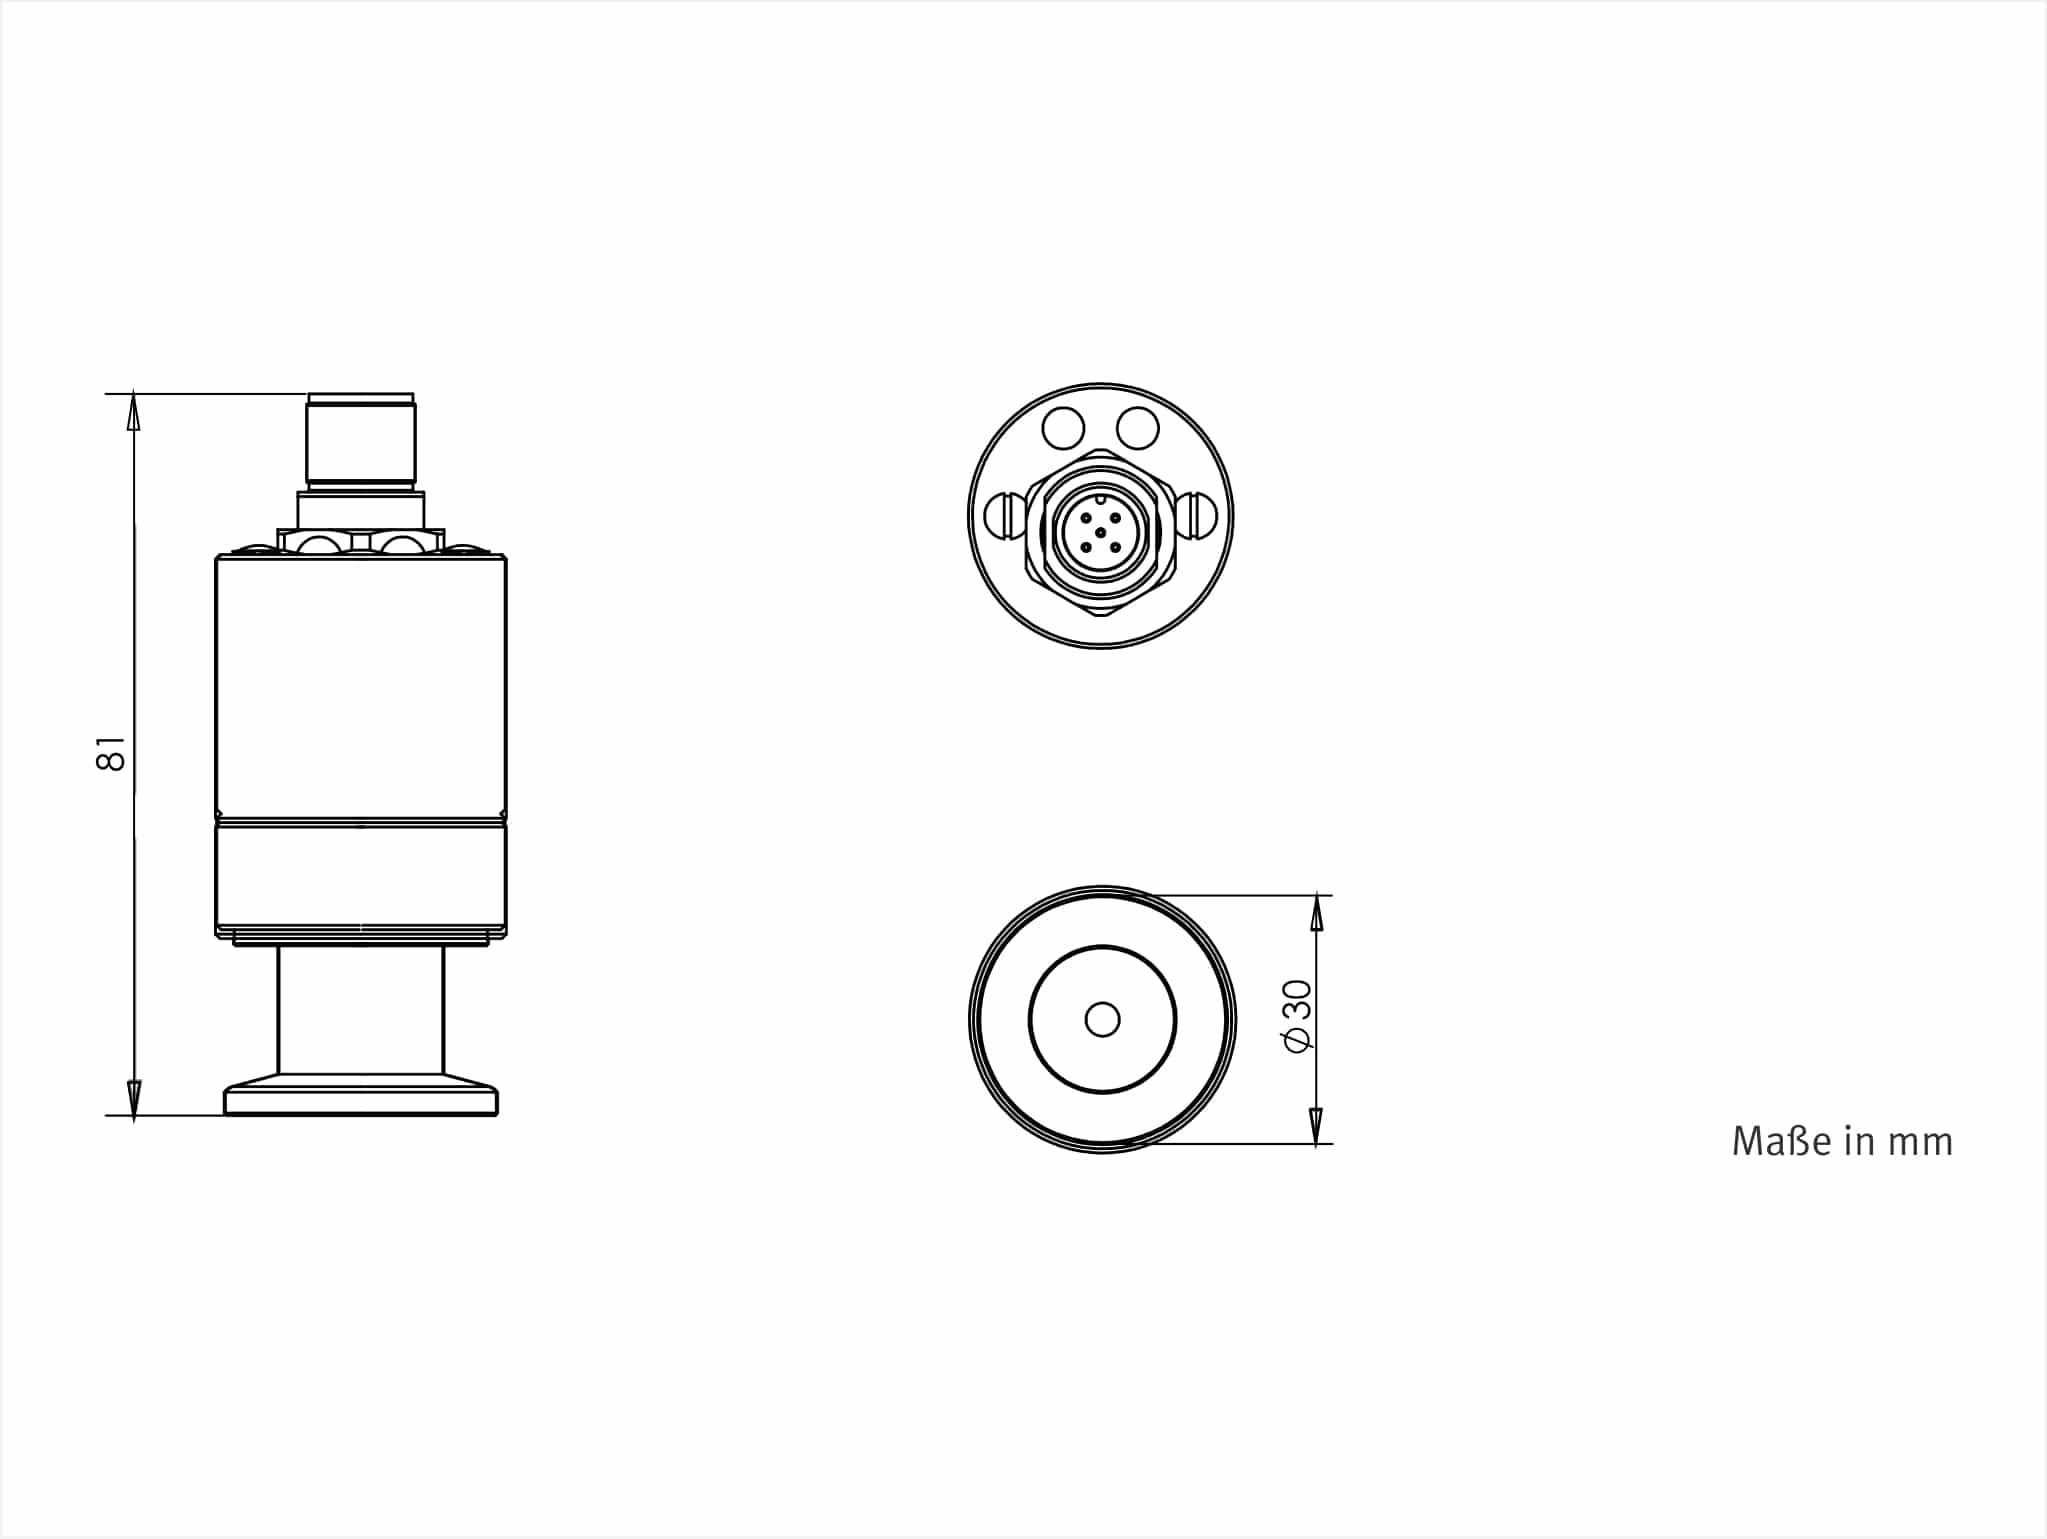 Vsp63ma4 Vacuum Transducer To 1e 4 Mbar Dn16kf 4 20 Ma Output